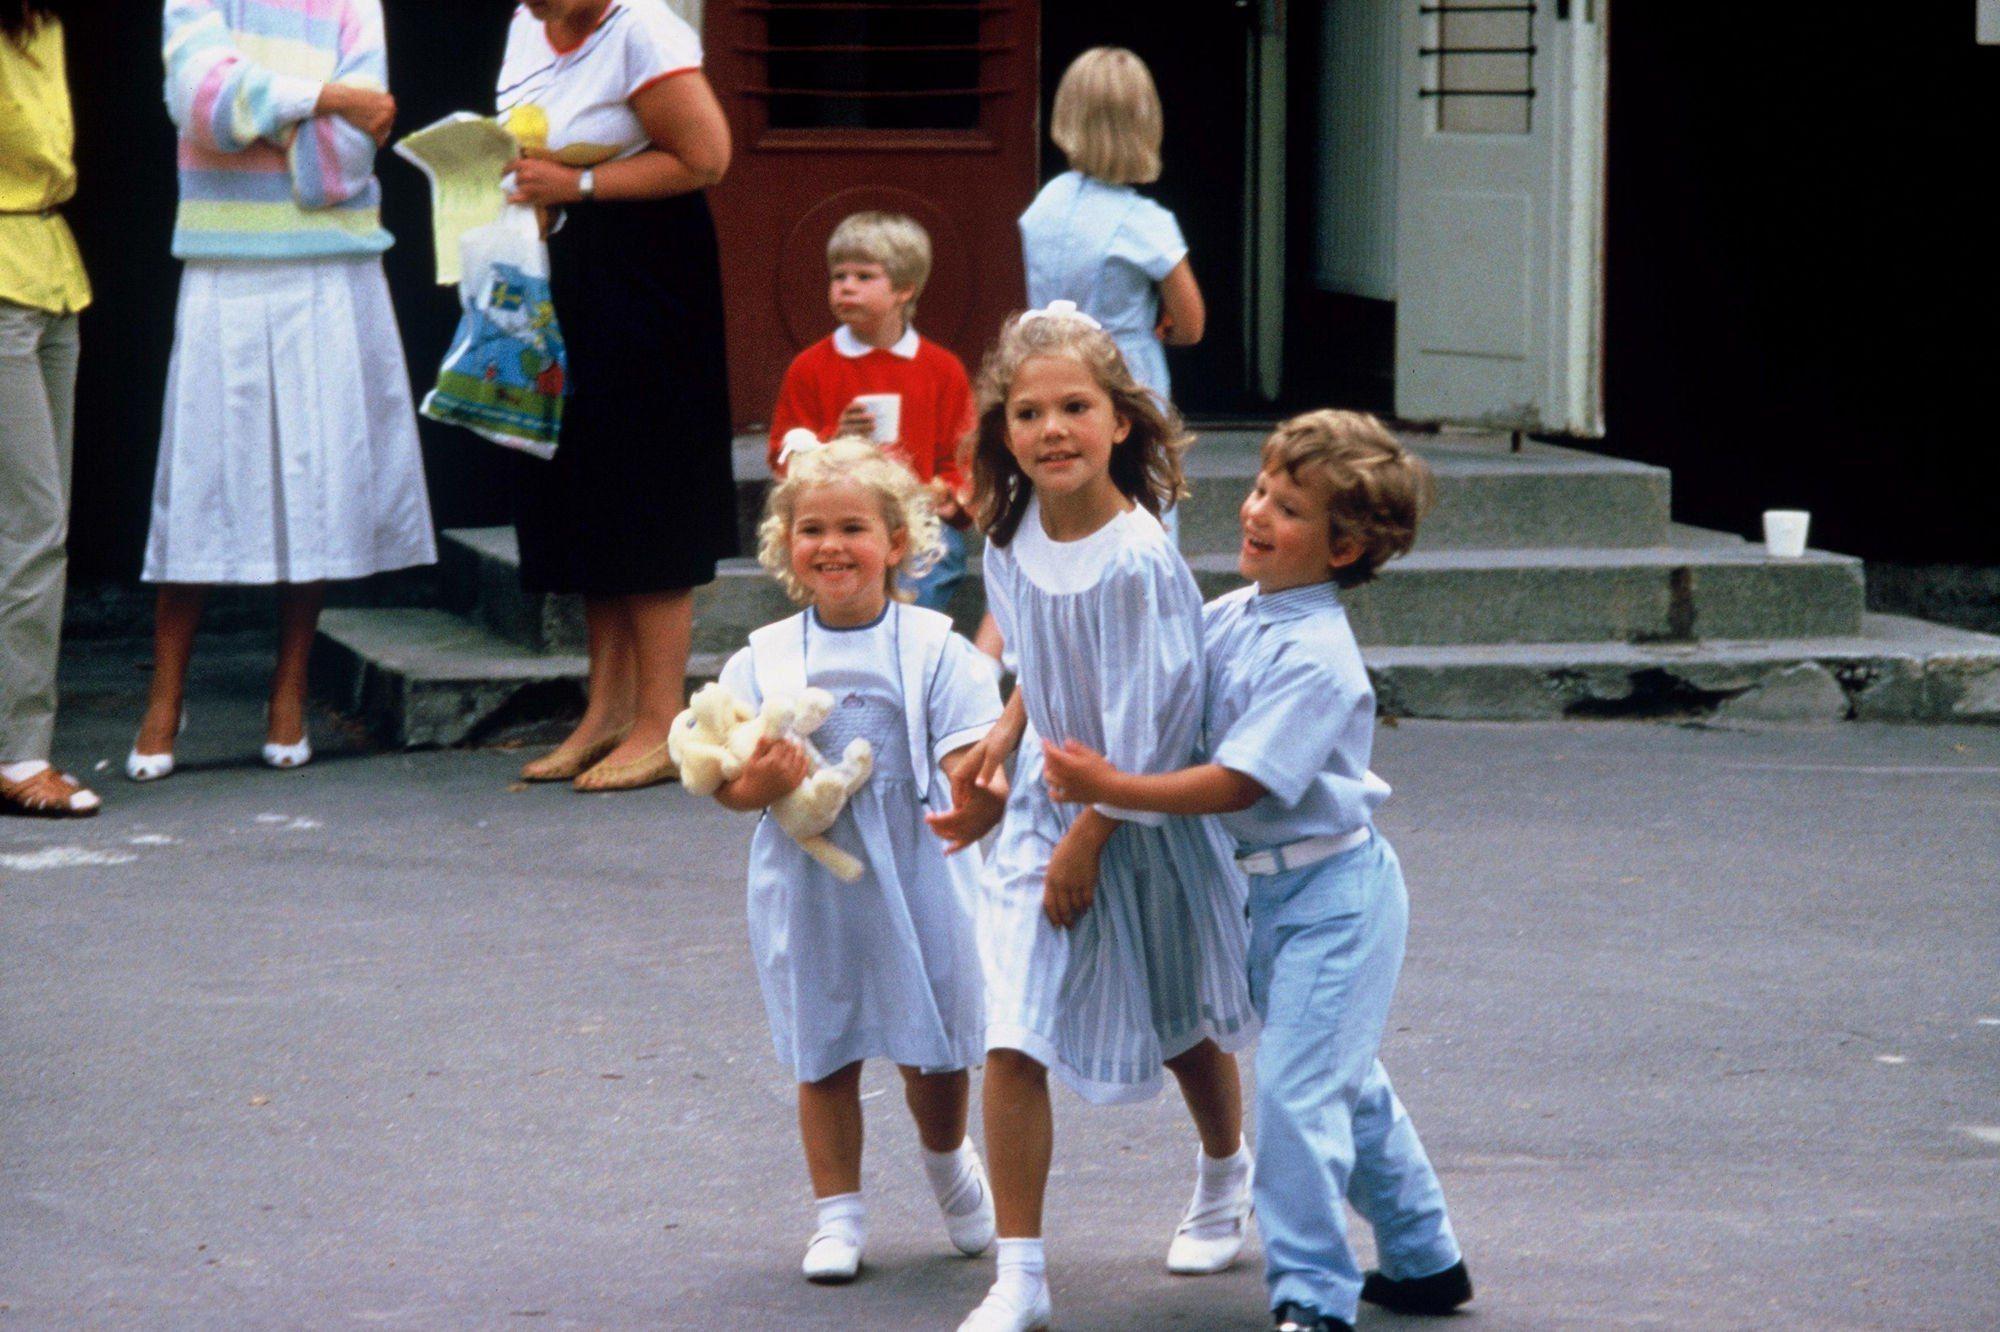 Шведские семьи онлайн, Шведская семья - поиск по лучшим видео (видеороликам) 14 фотография